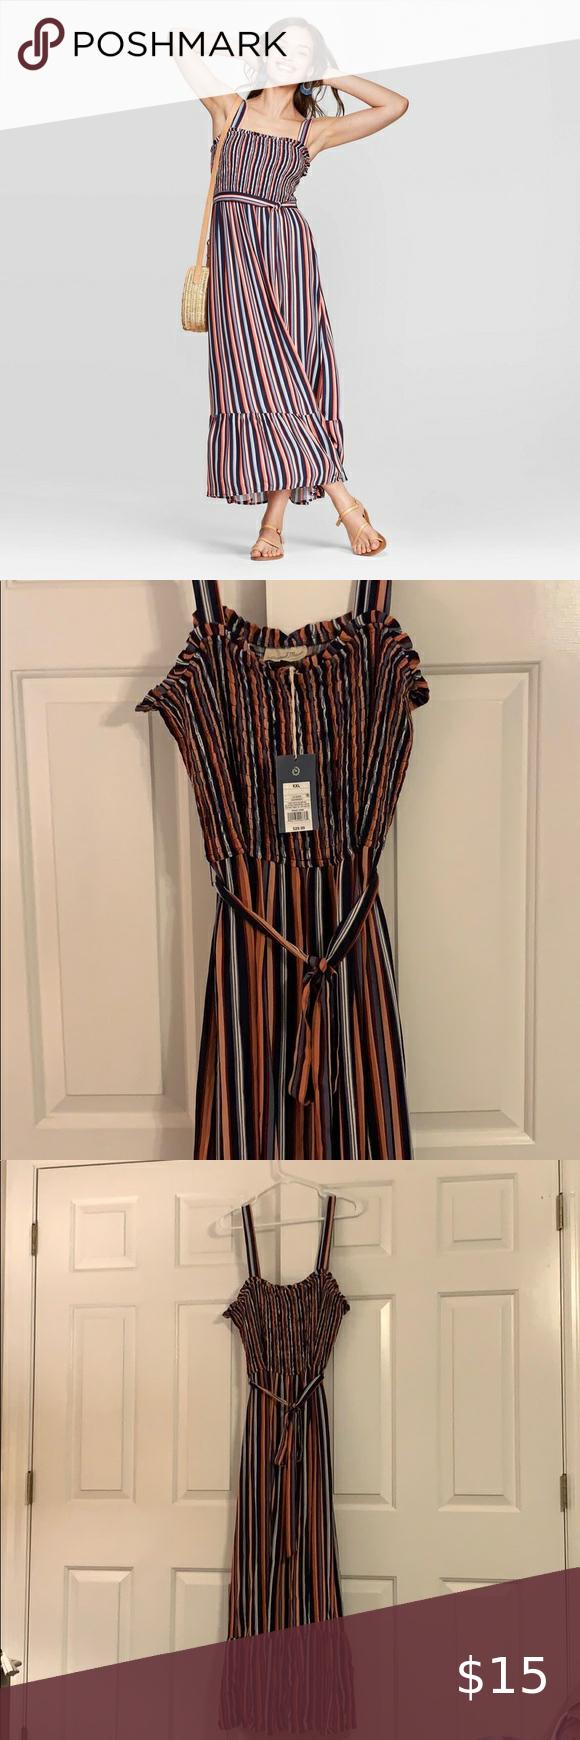 Universal Thread Smocked Midi Dress Midi Dress Striped Midi Dress Clothes Design [ 1740 x 580 Pixel ]